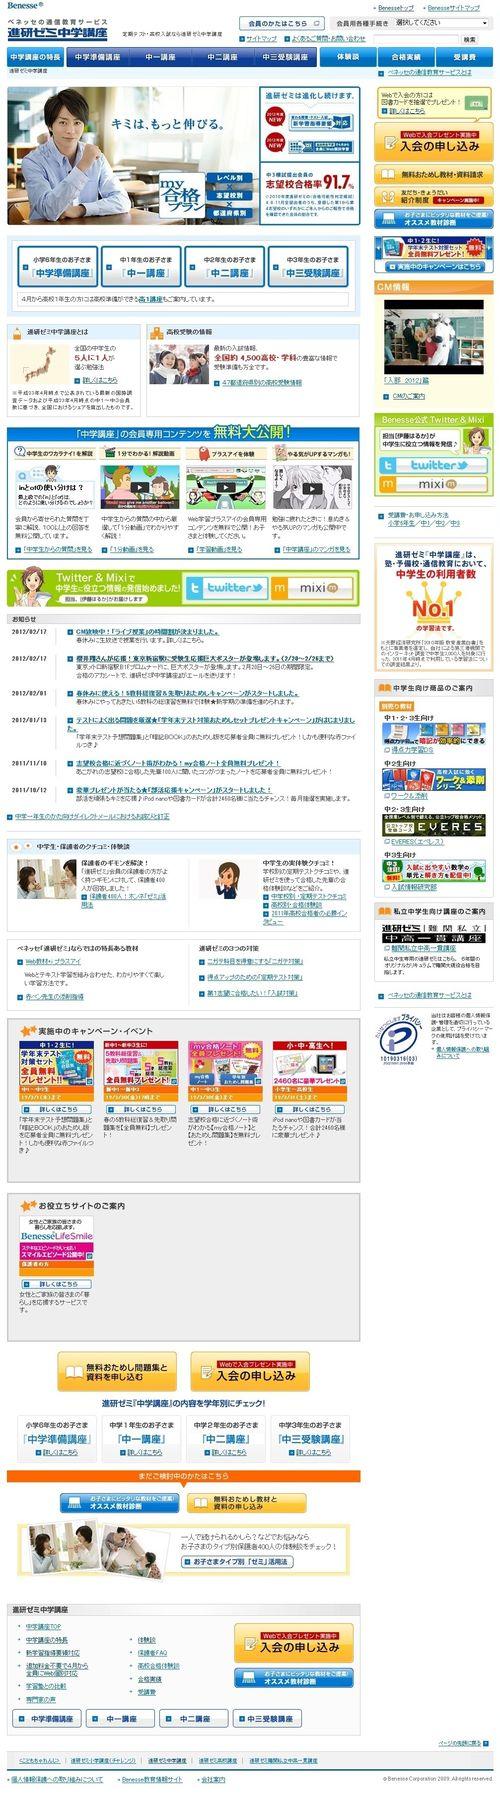 2012.02.19 PUB BENESSE 01